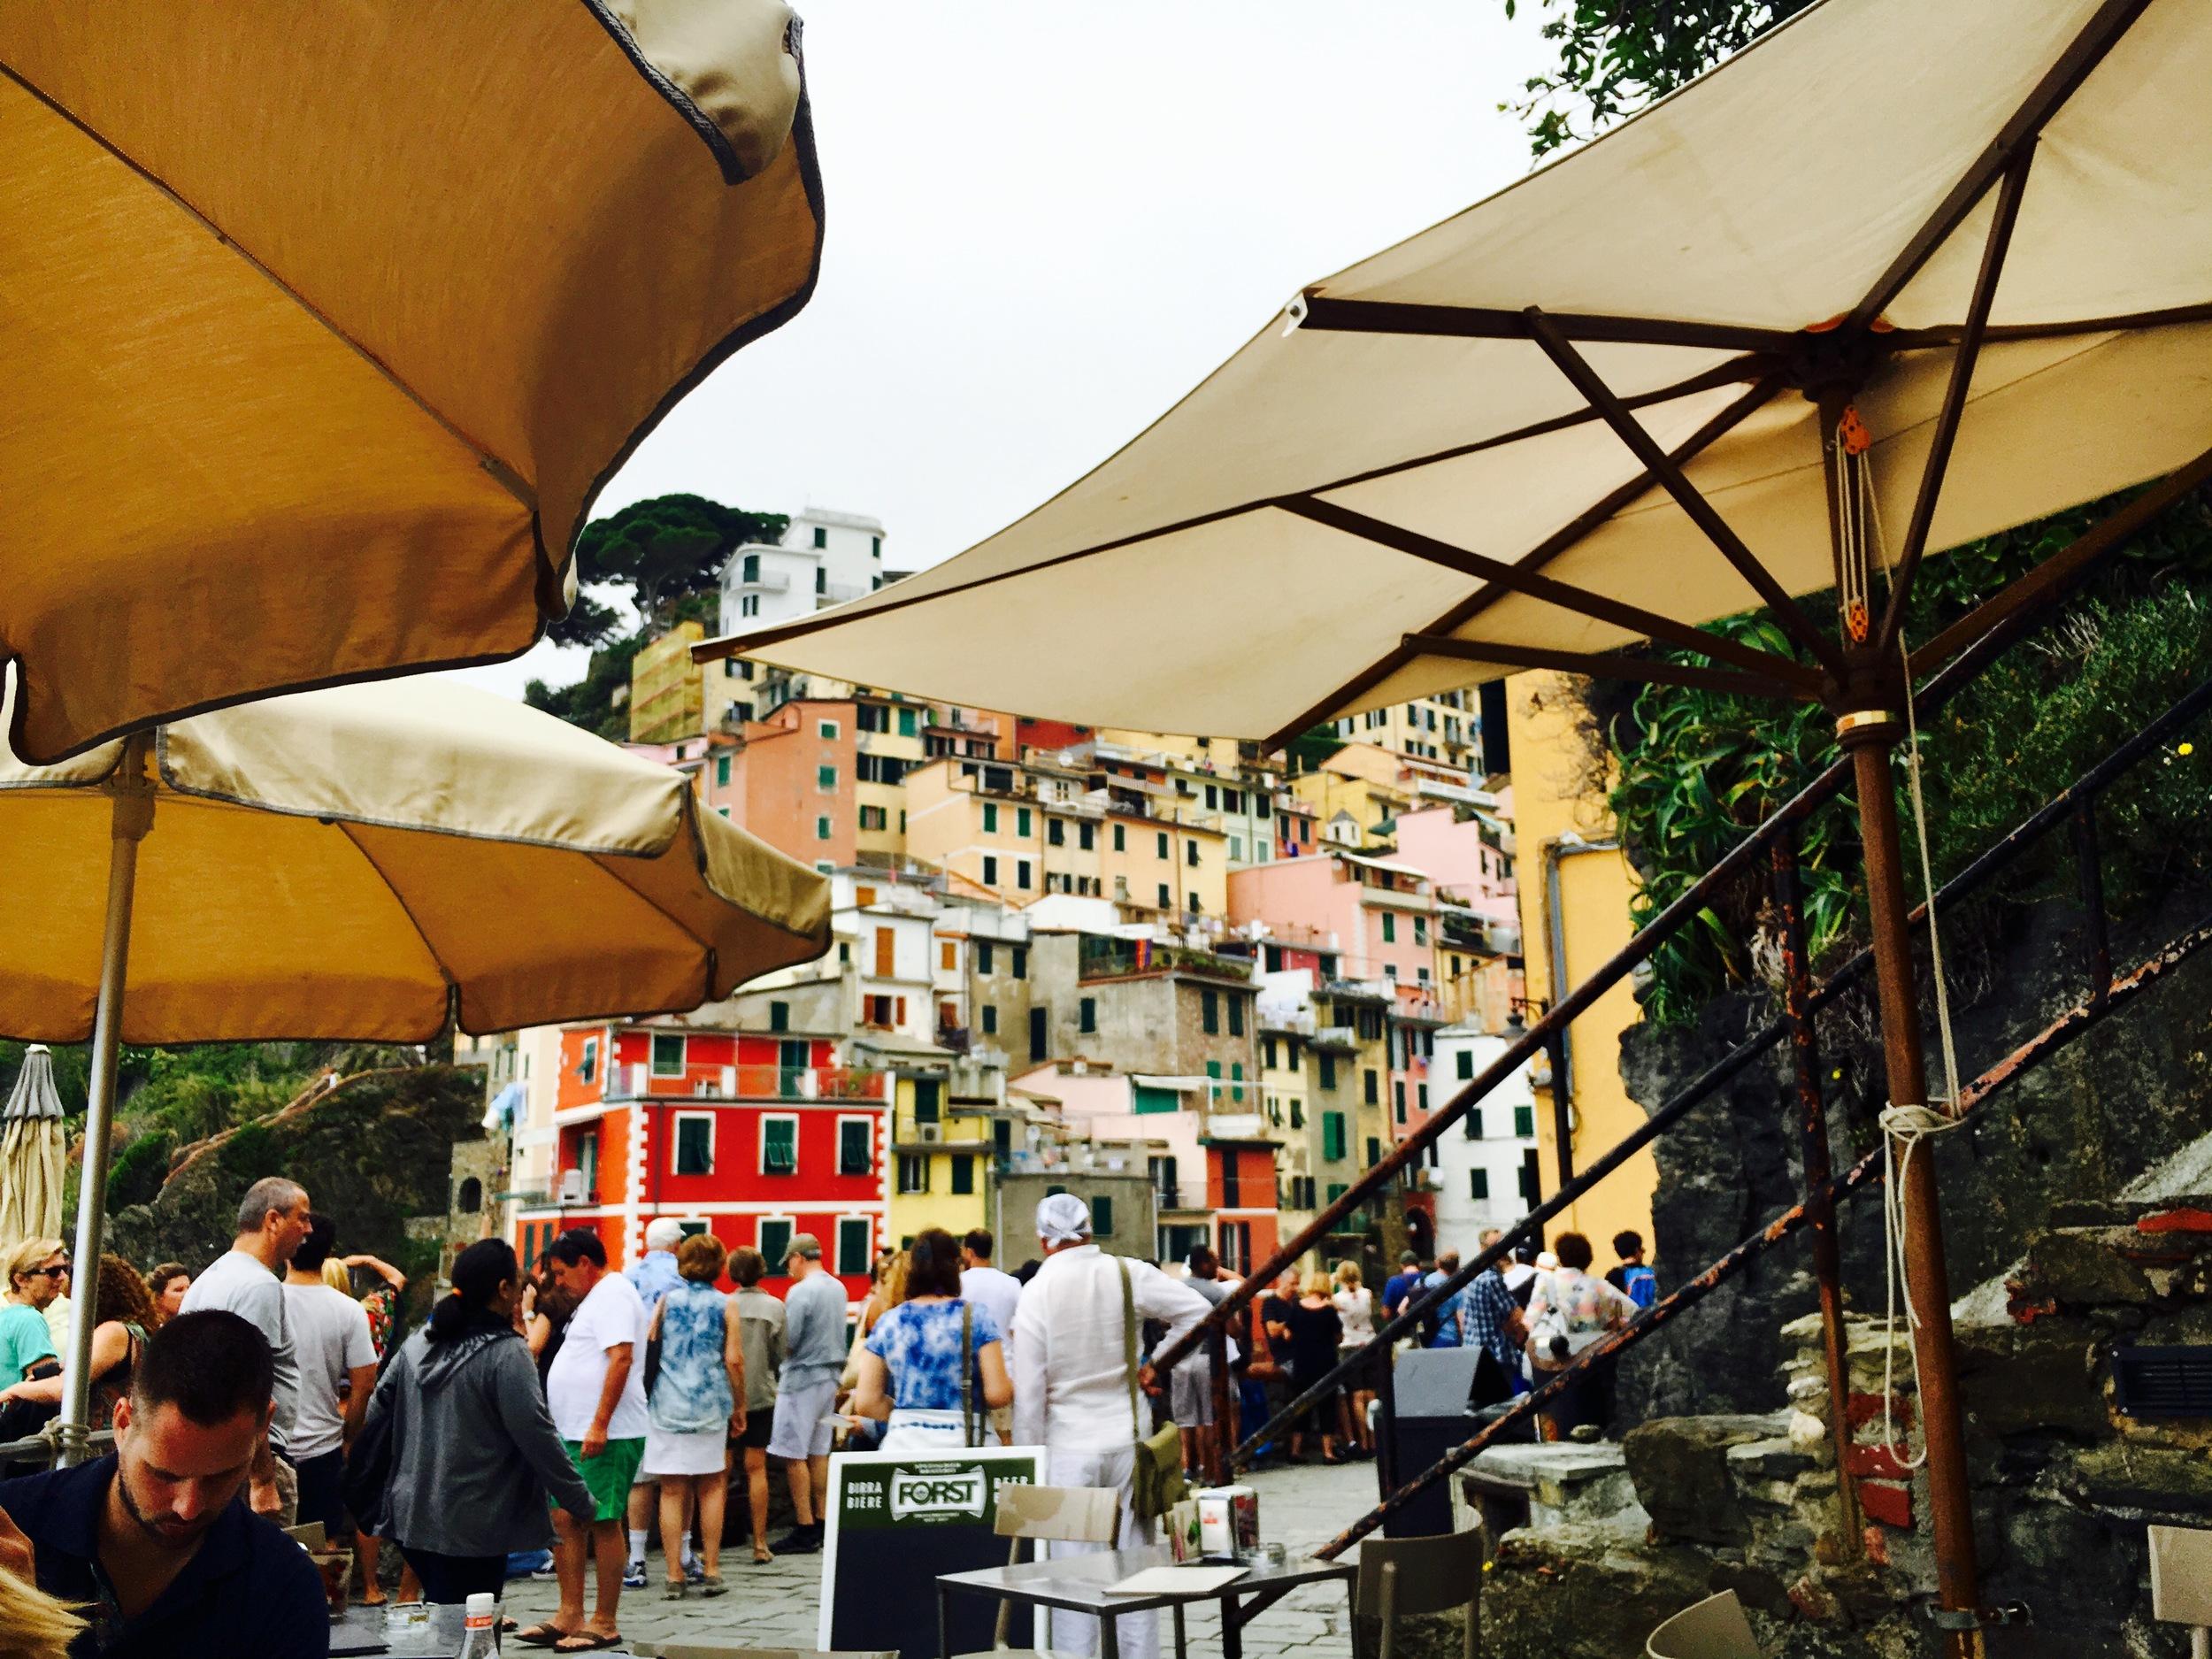 a view from a cafe in Riomaggiore, Cinque Terre, Italy